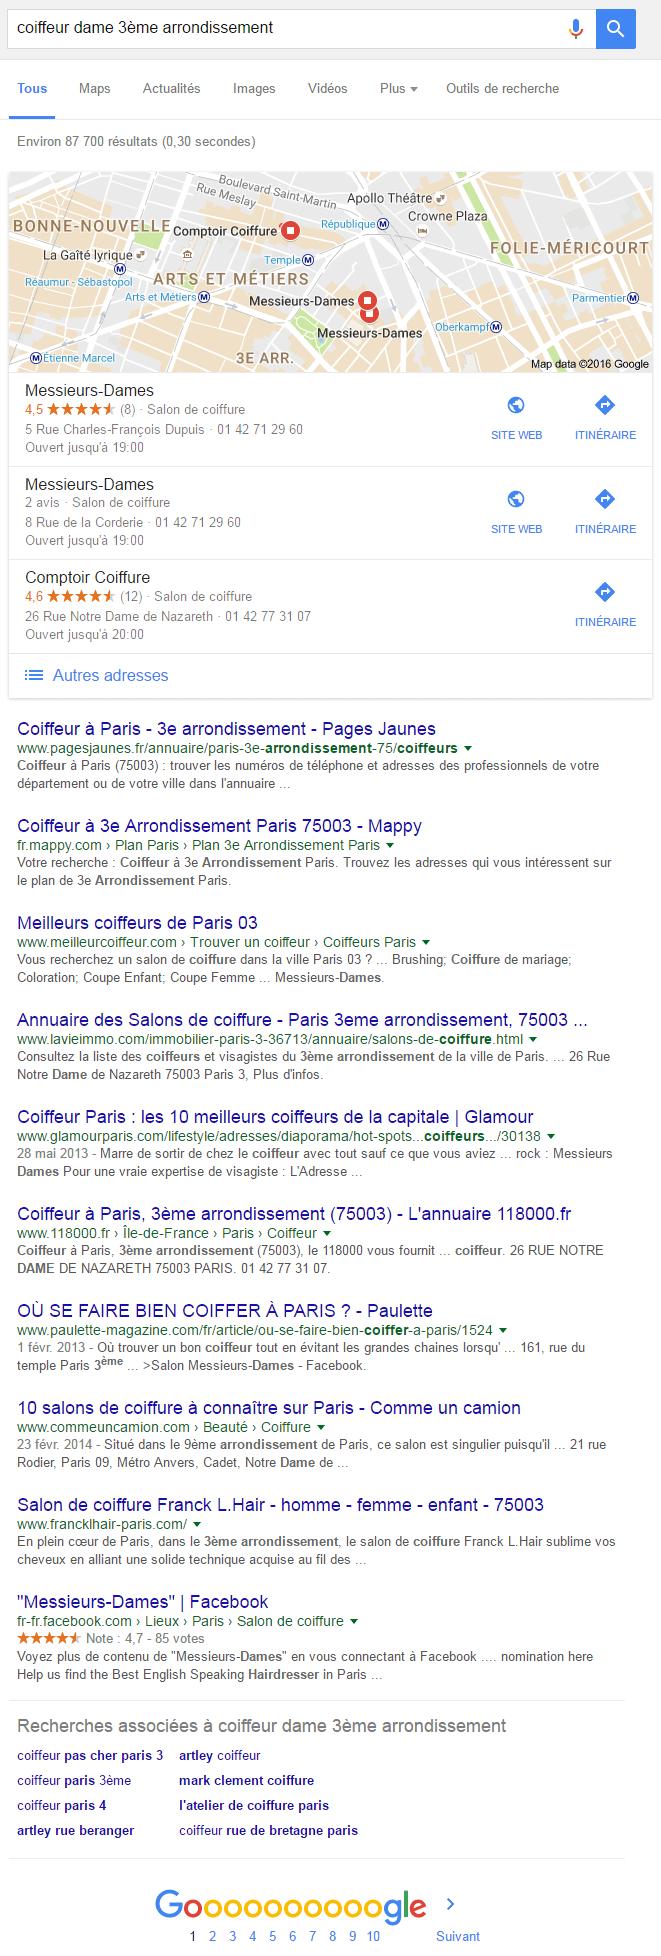 Google Rankbrain et votre SEO